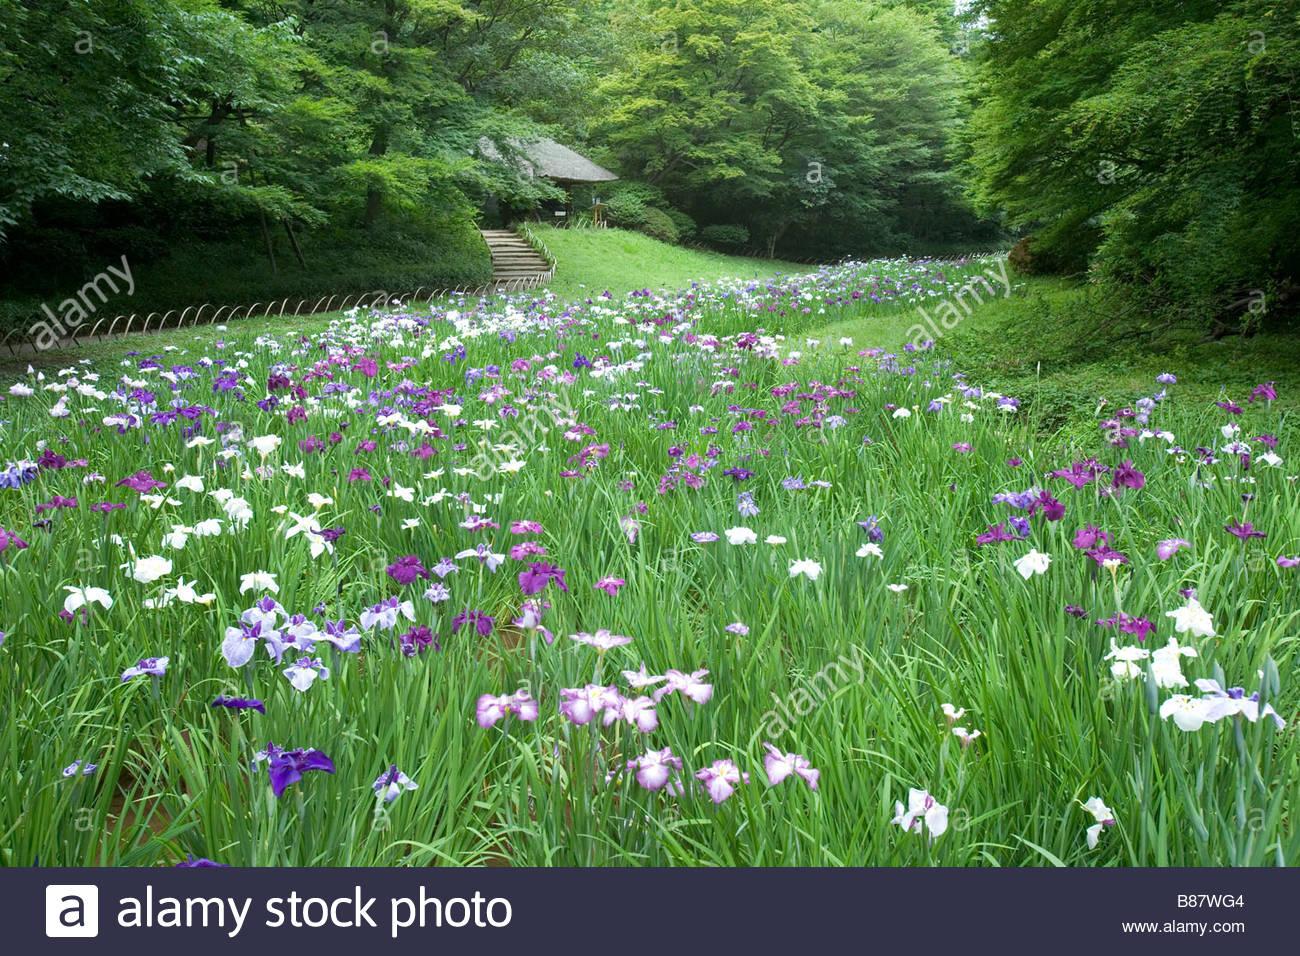 Meiji Jingu Iris Garden Flower Shinto Shrine Garden Tokyo Kanto Japan    Stock Image